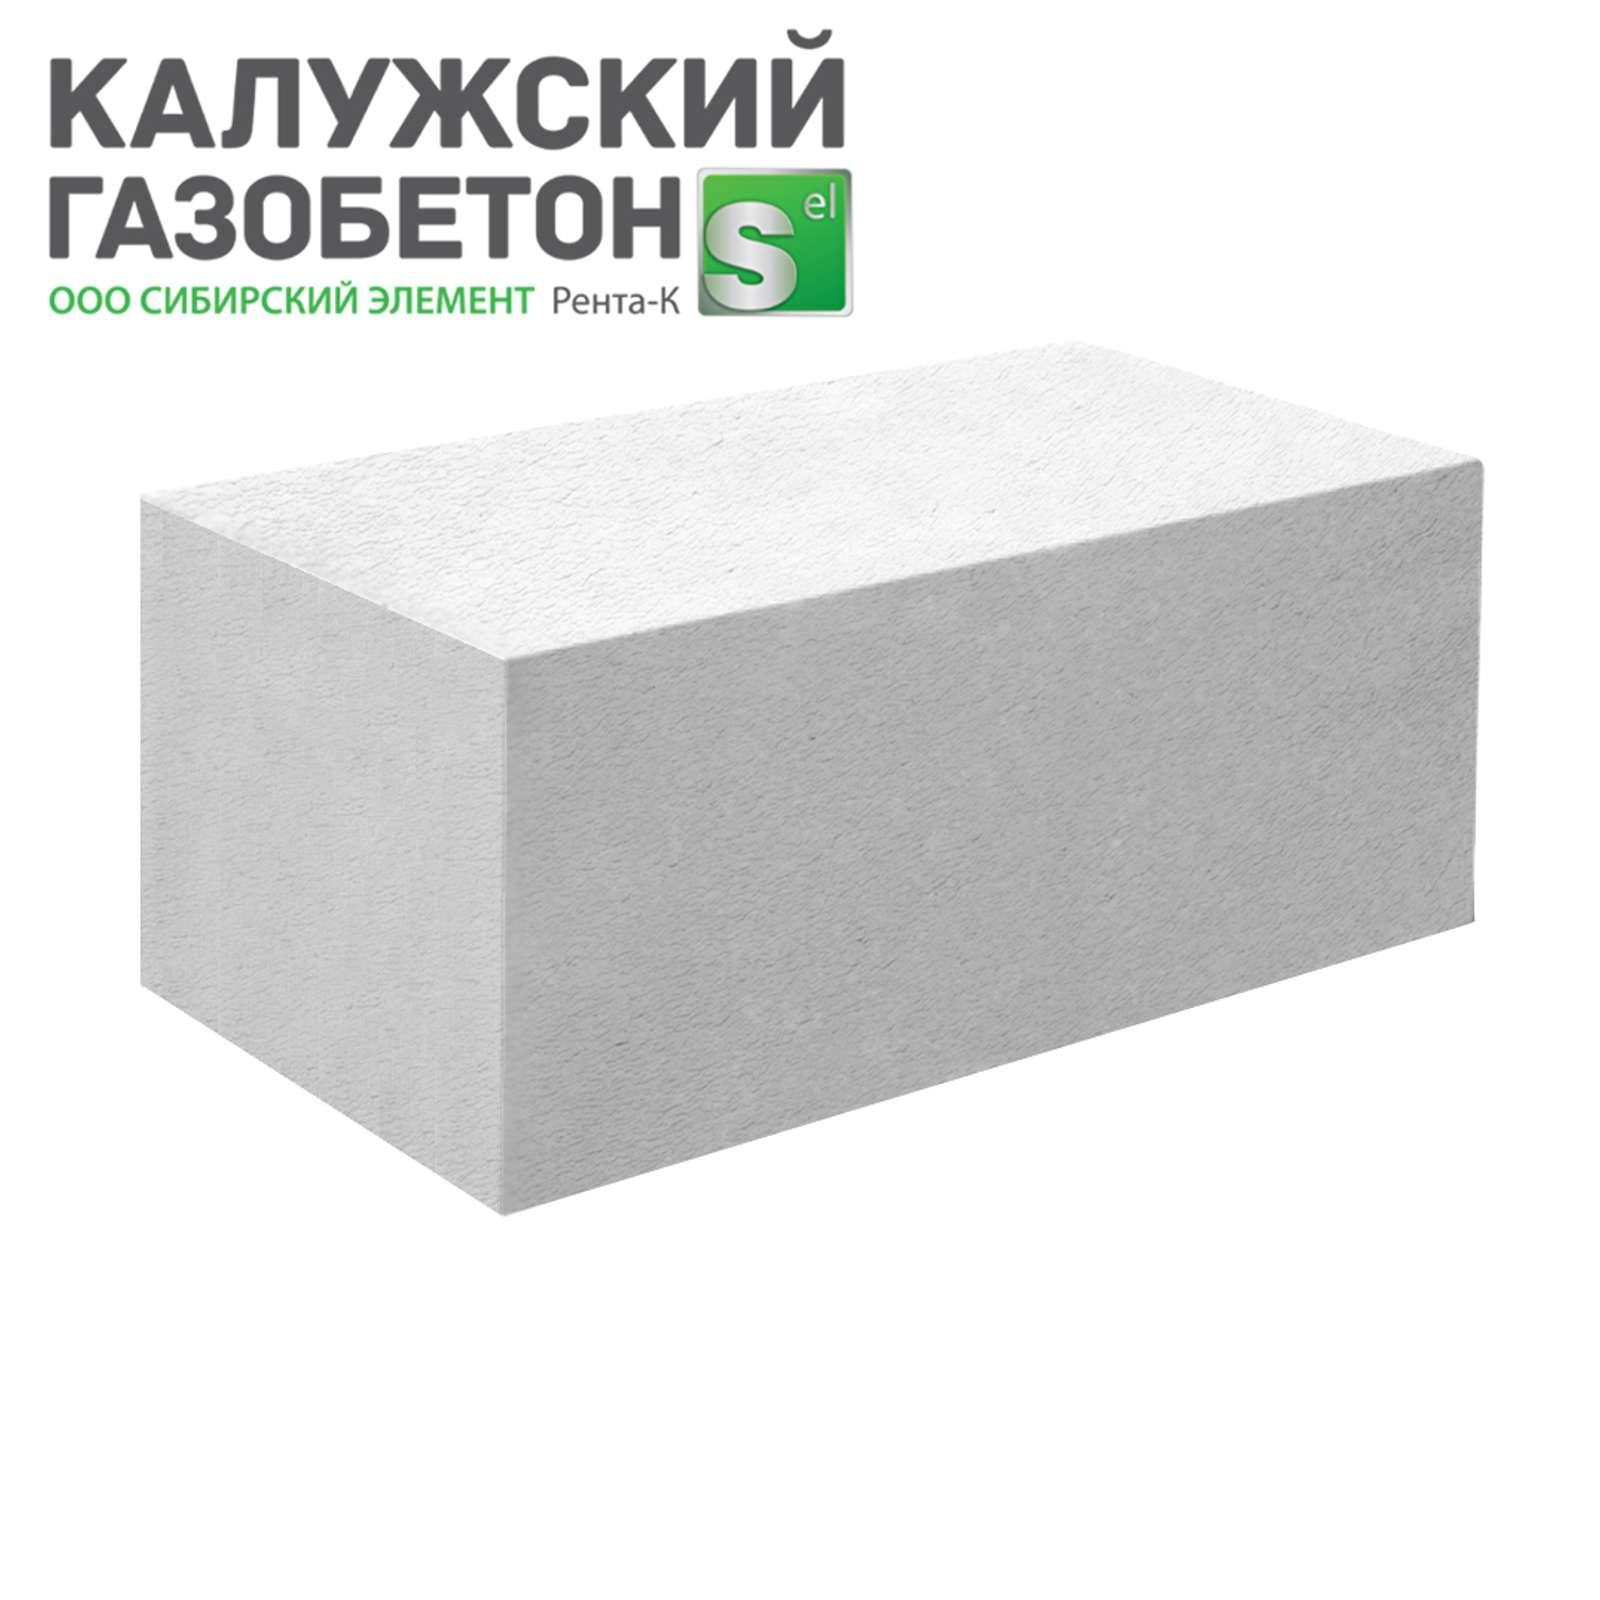 Изоляционный бетон lw изобретение бетона когда